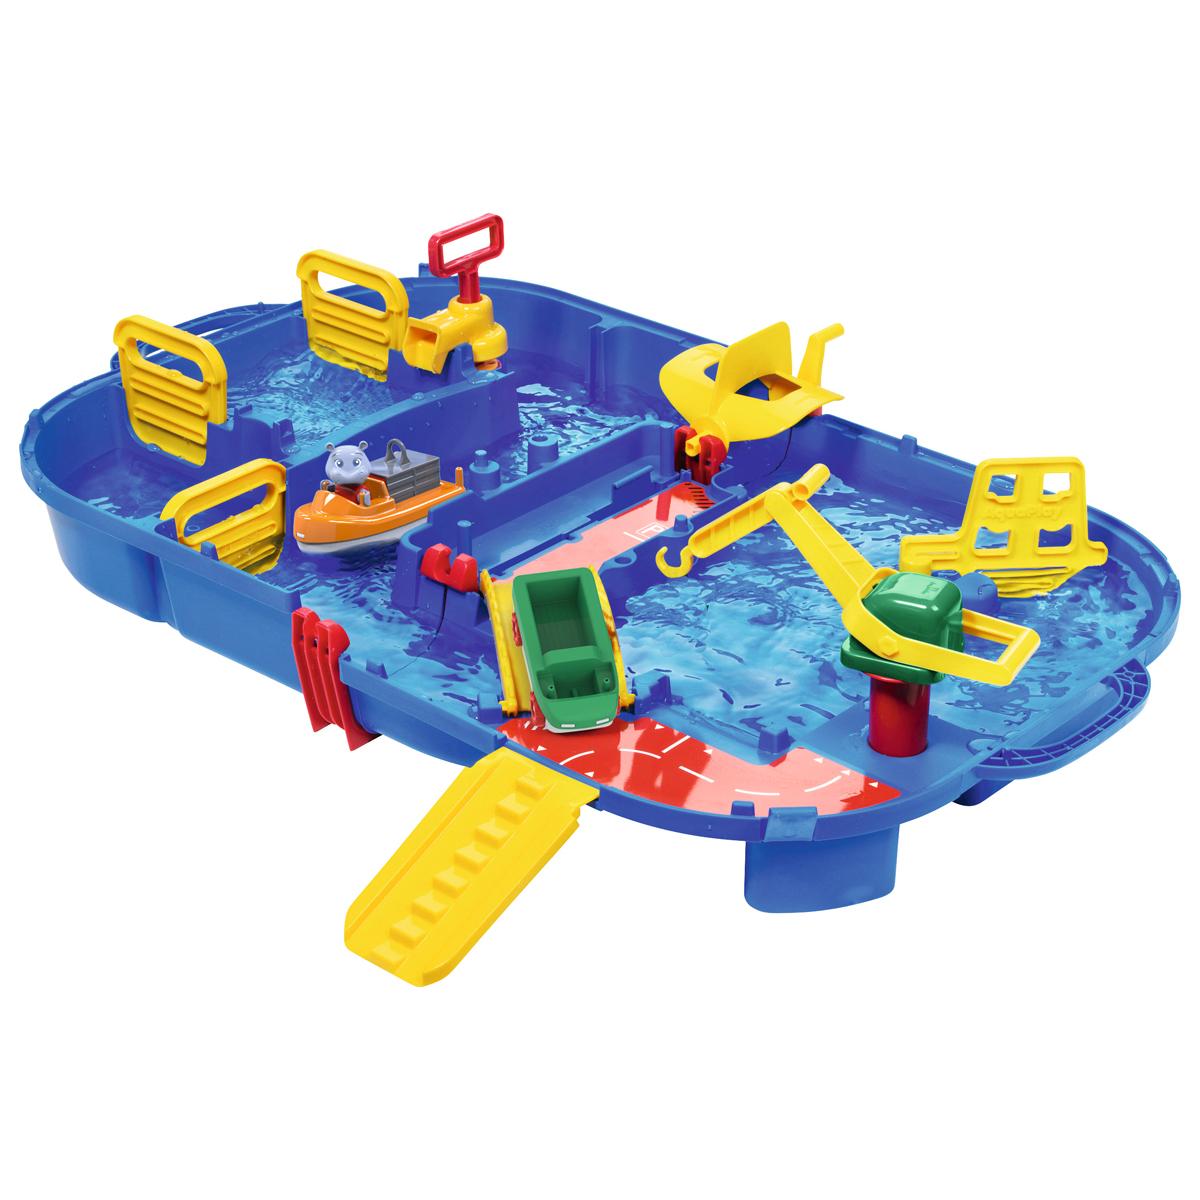 水遊びを楽しもう「アクアプレイシリーズ」